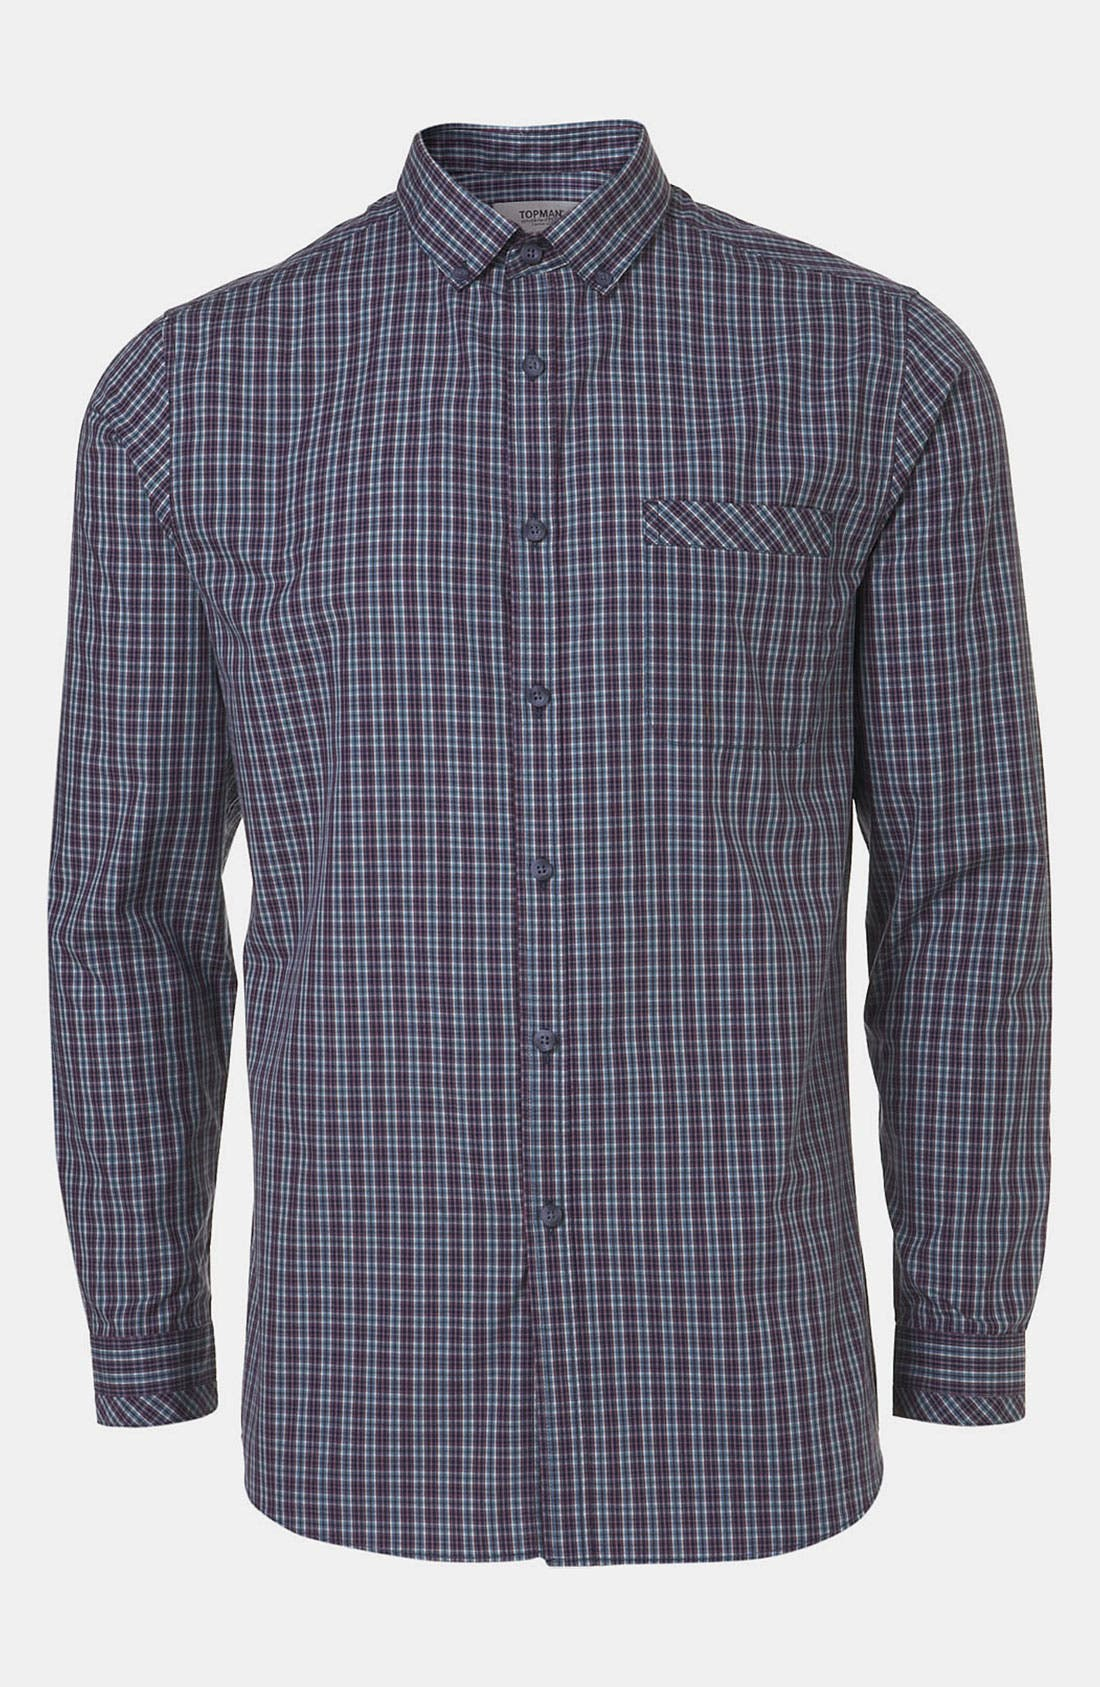 Main Image - Topman Extra Trim Tartan Check Shirt